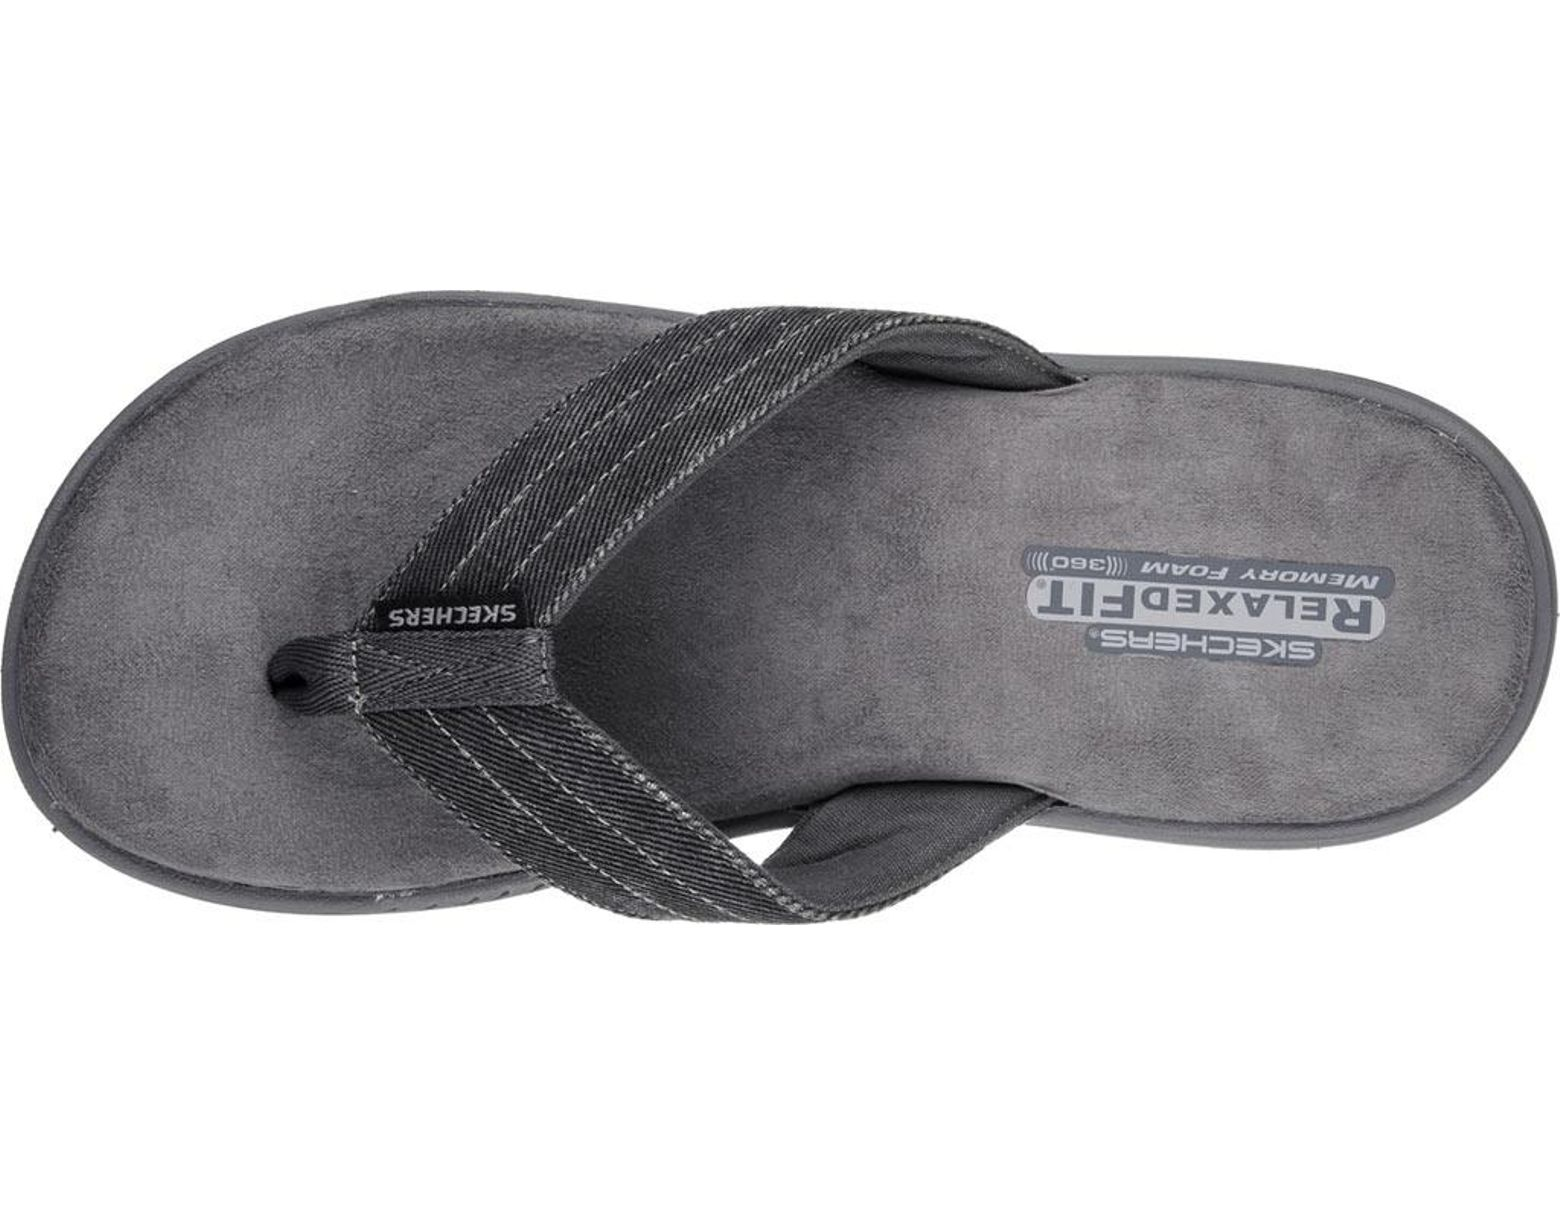 b407c479 Lyst - Skechers Relaxed Fit Evented Rosen Thong Sandal in Gray for Men